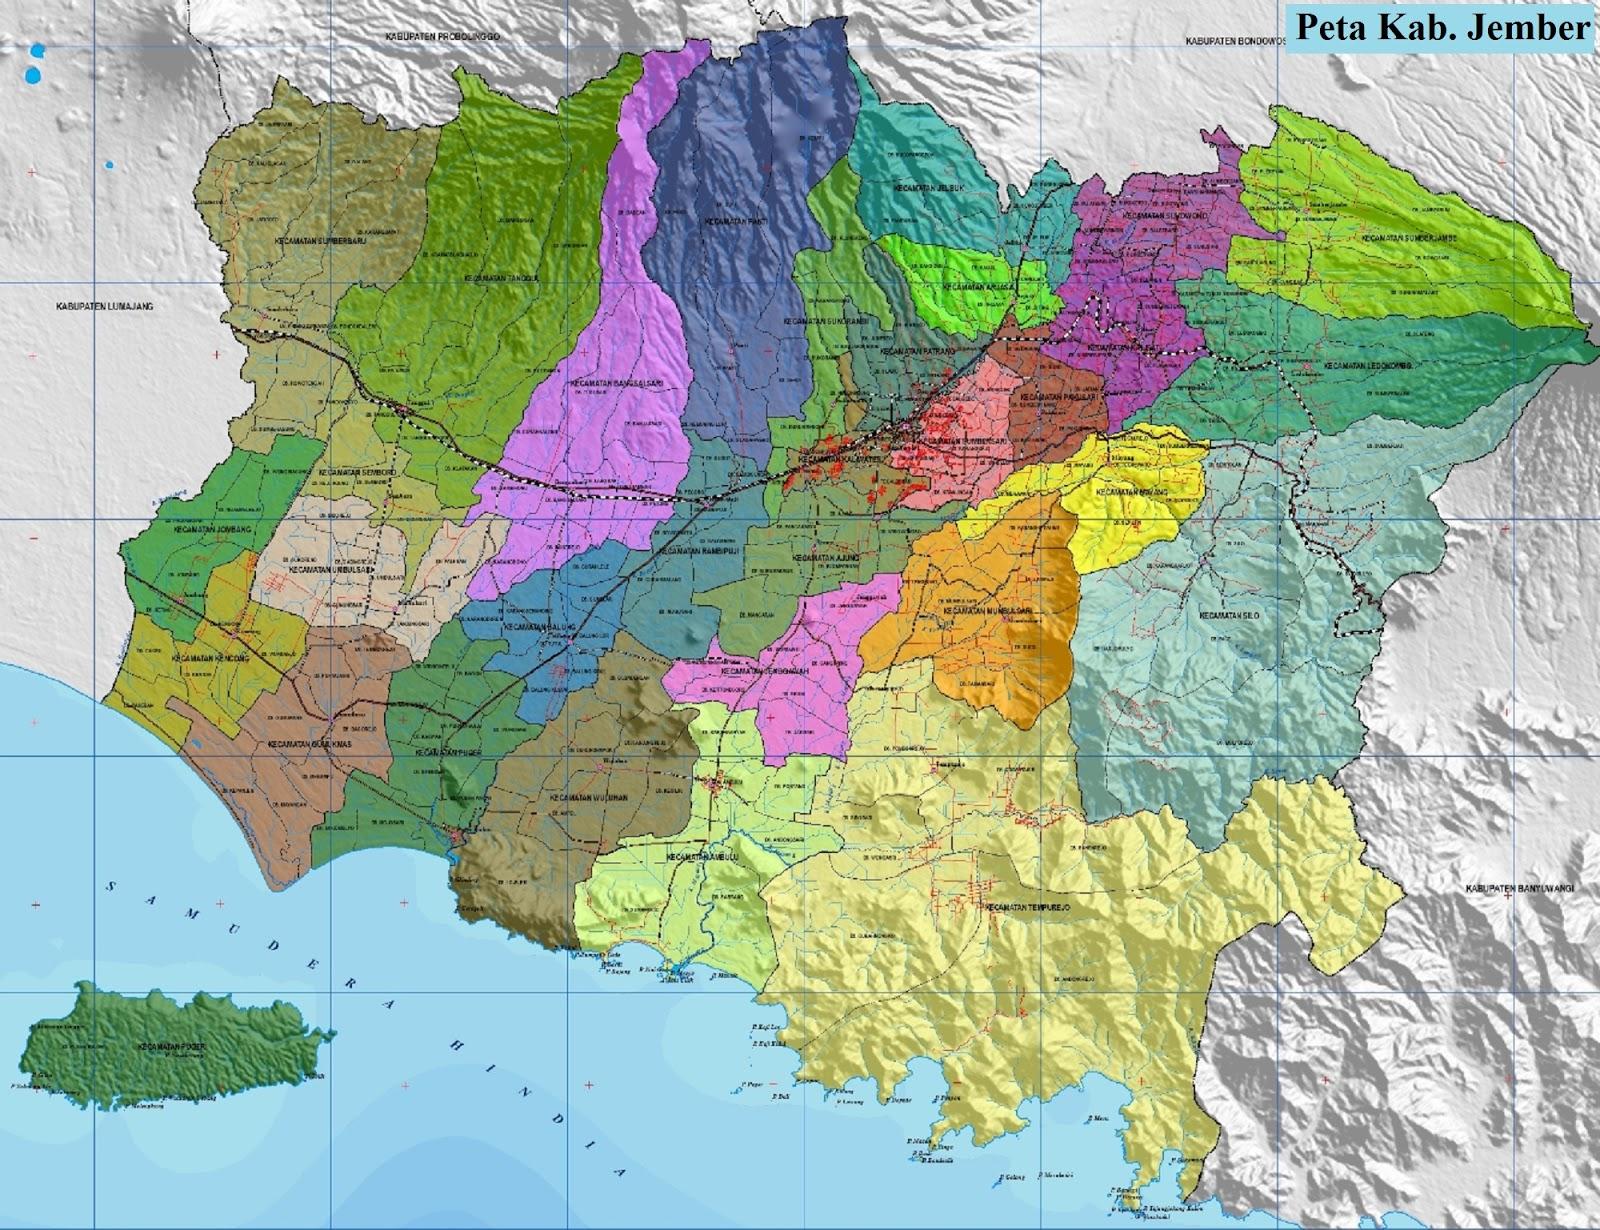 Peta Kabupaten Jember